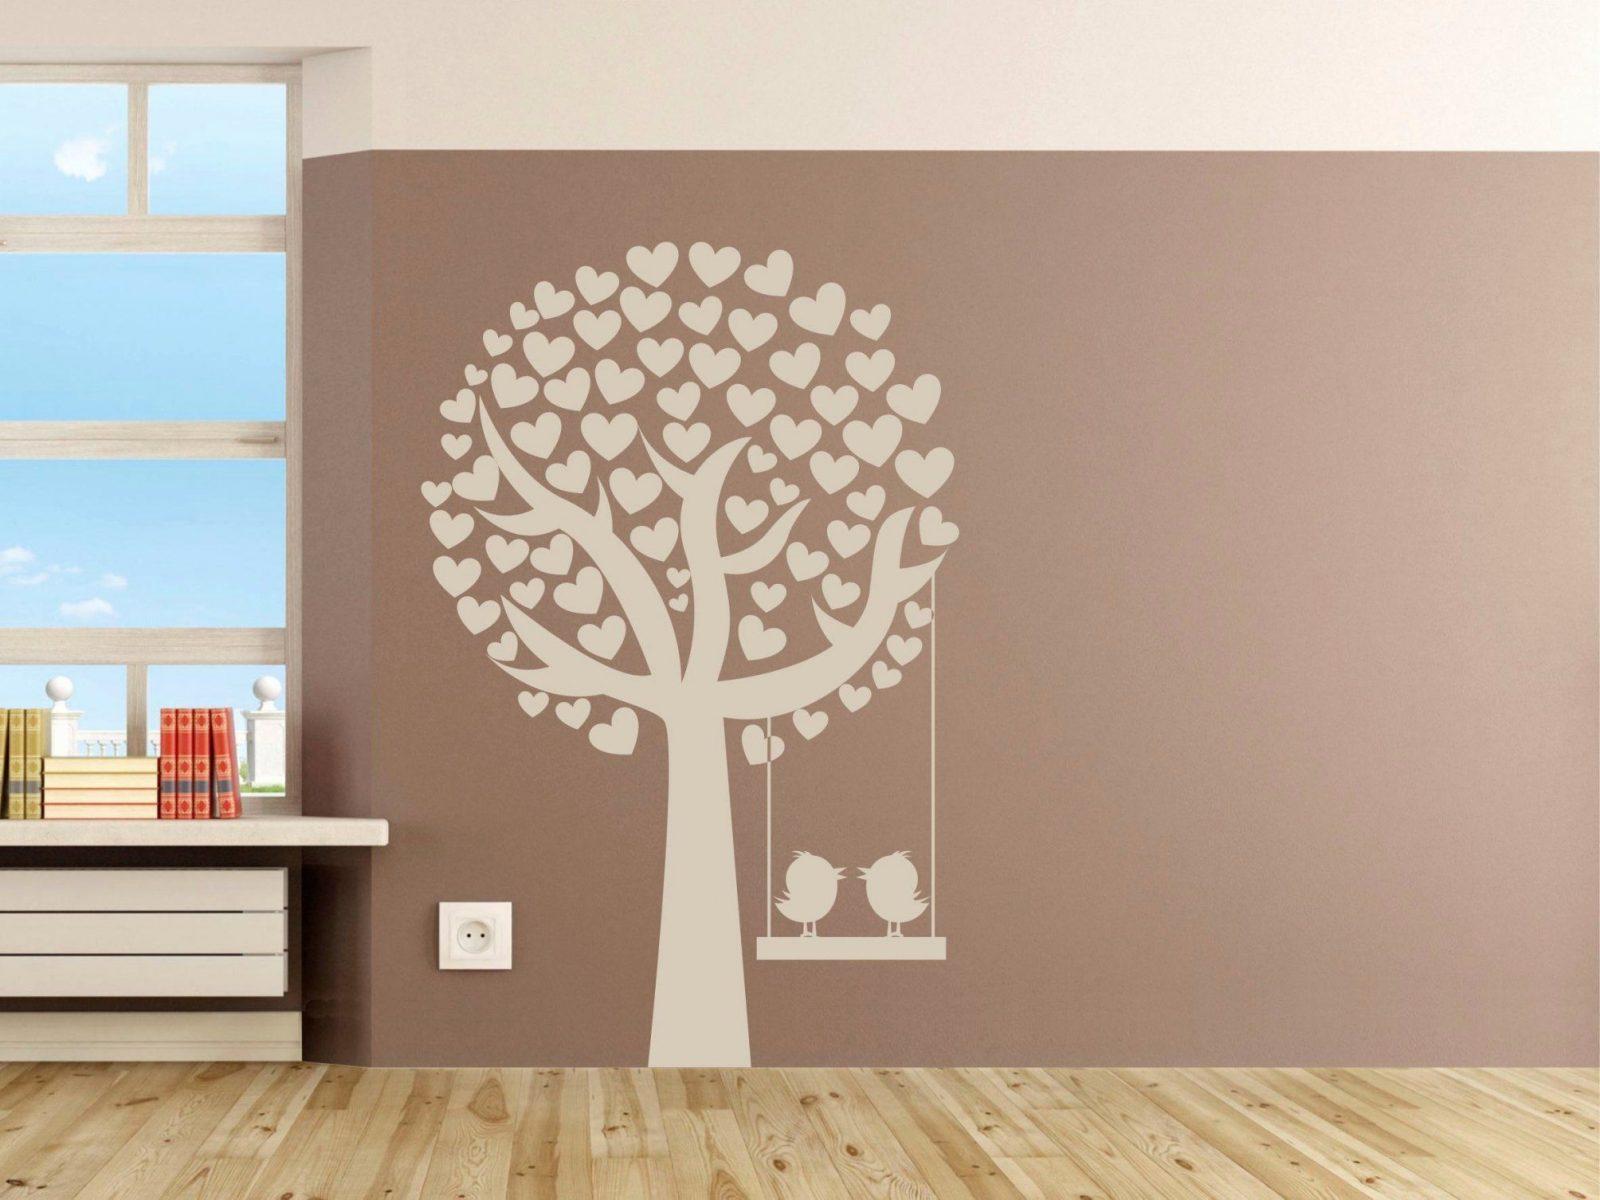 Wandgestaltung Kinderzimmer Selber Machen Schön Fantastisch Bild von Wandgestaltung Kinderzimmer Selber Machen Bild